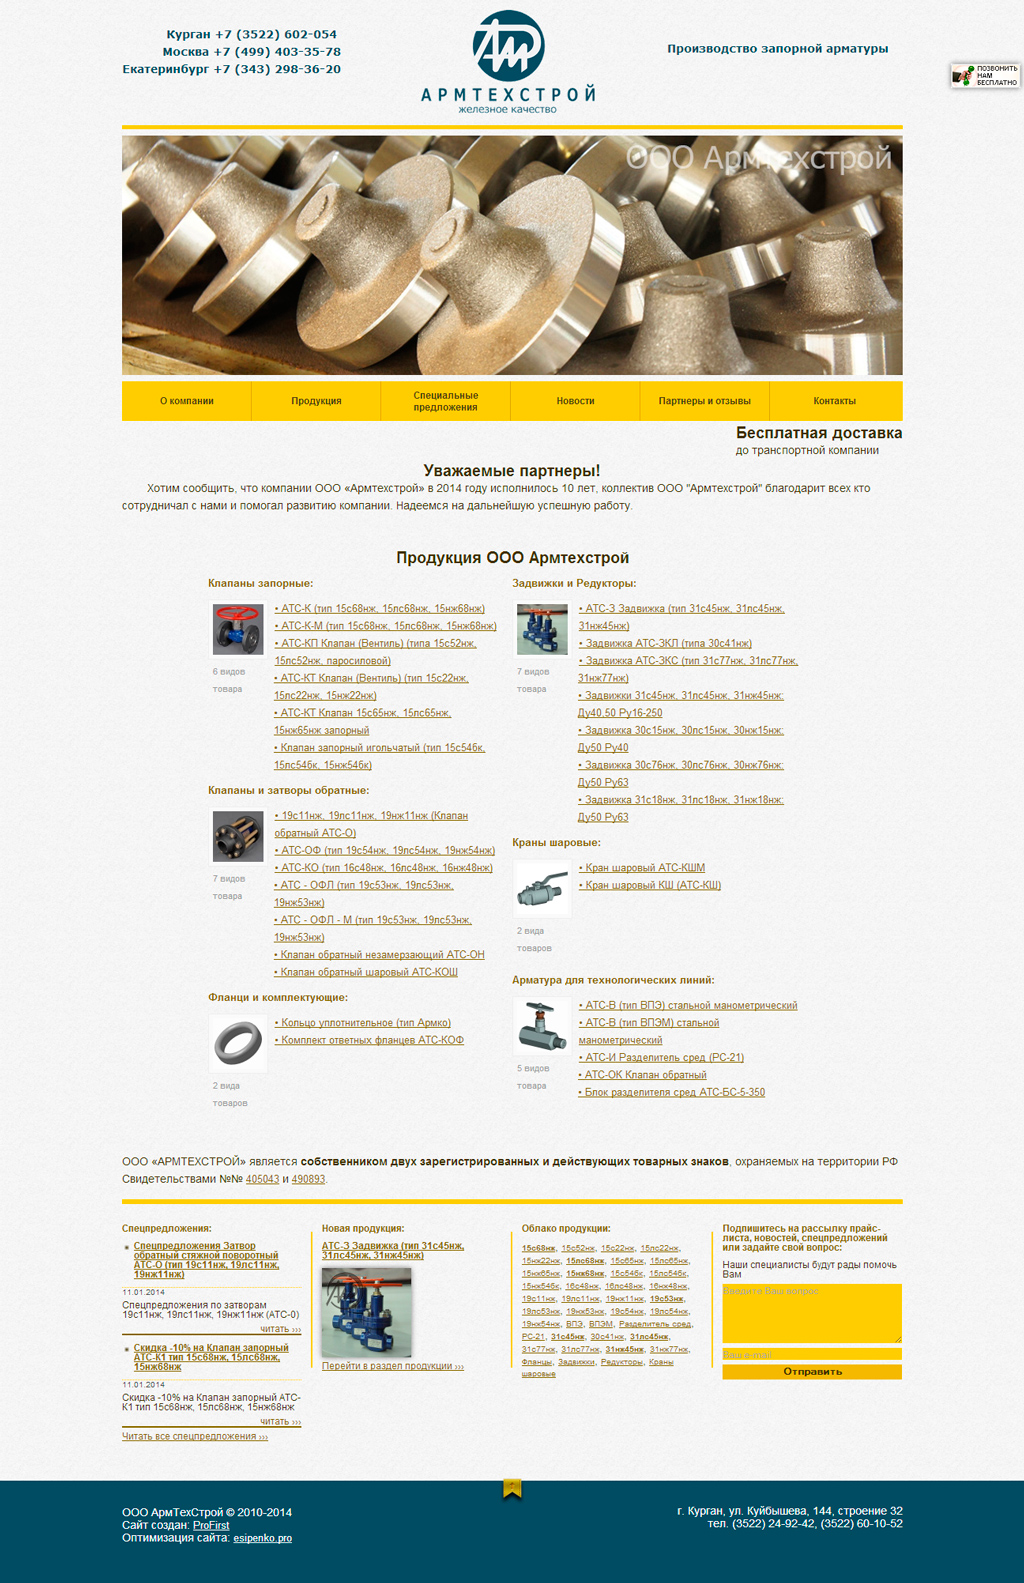 редизайн сайта ООО Армтехстрой